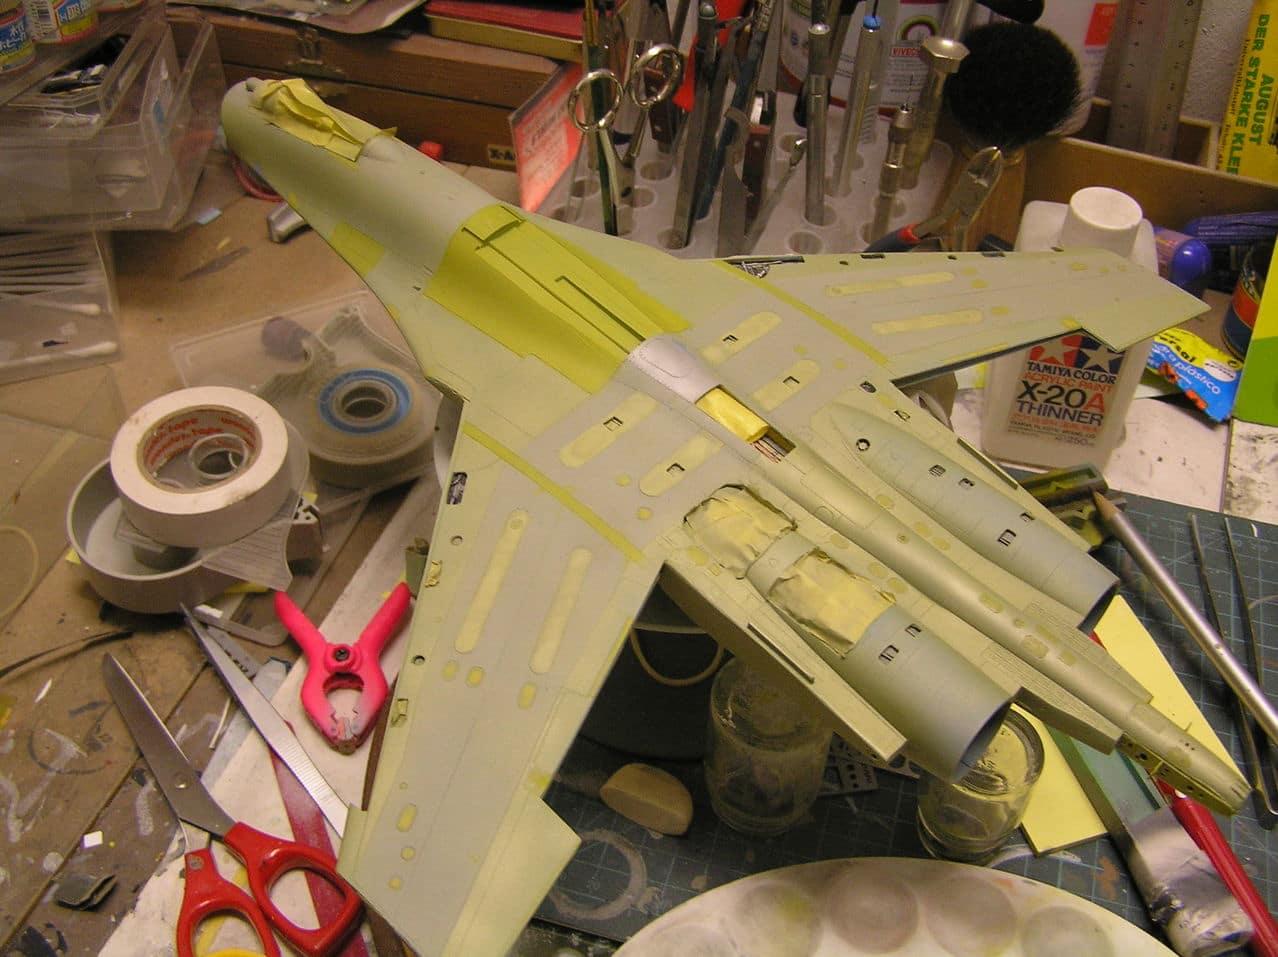 ...καπως ετσι αρχισαν ολα...Su-27  και τα μυαλα στα καγκελα... - Σελίδα 3 P1010176